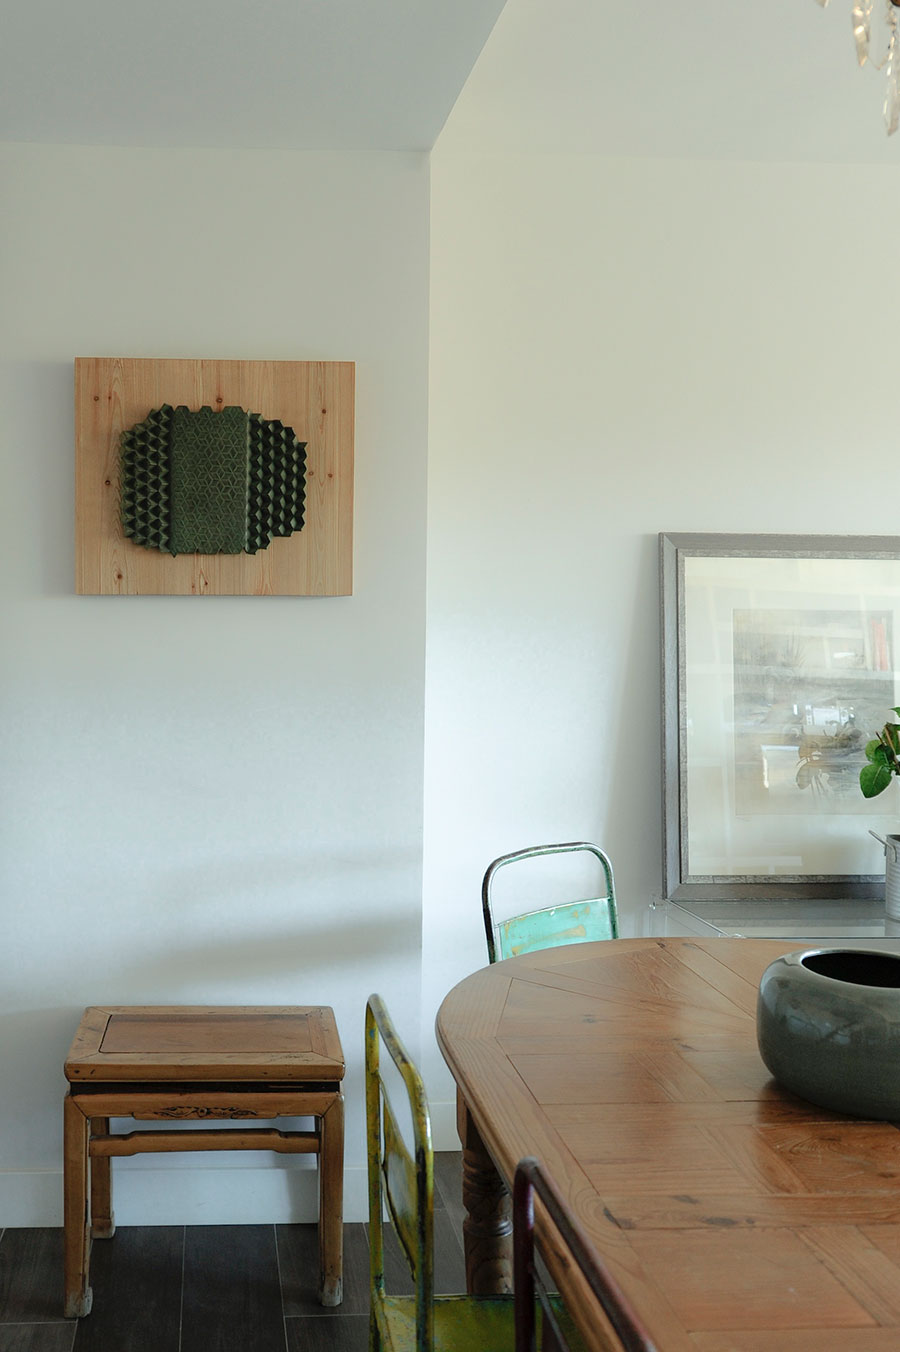 mesa y cuadro